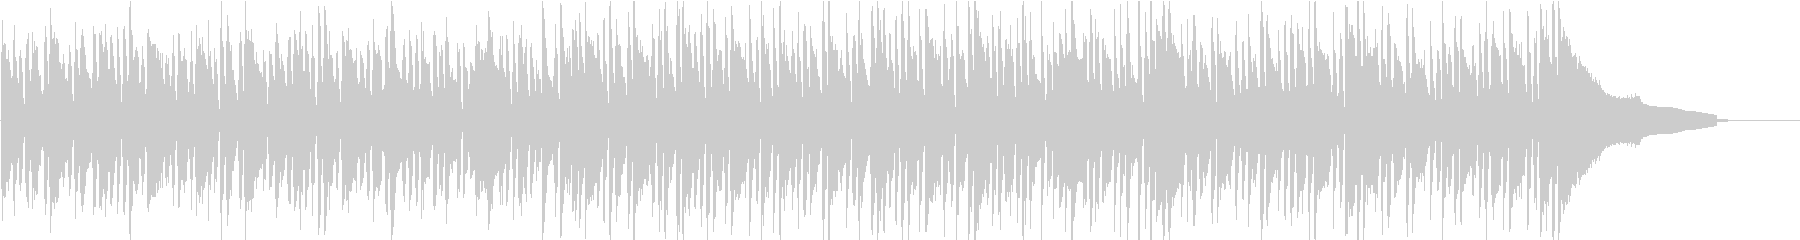 ボサノバ/アコーディオン/のんびり/南国の未再生の波形